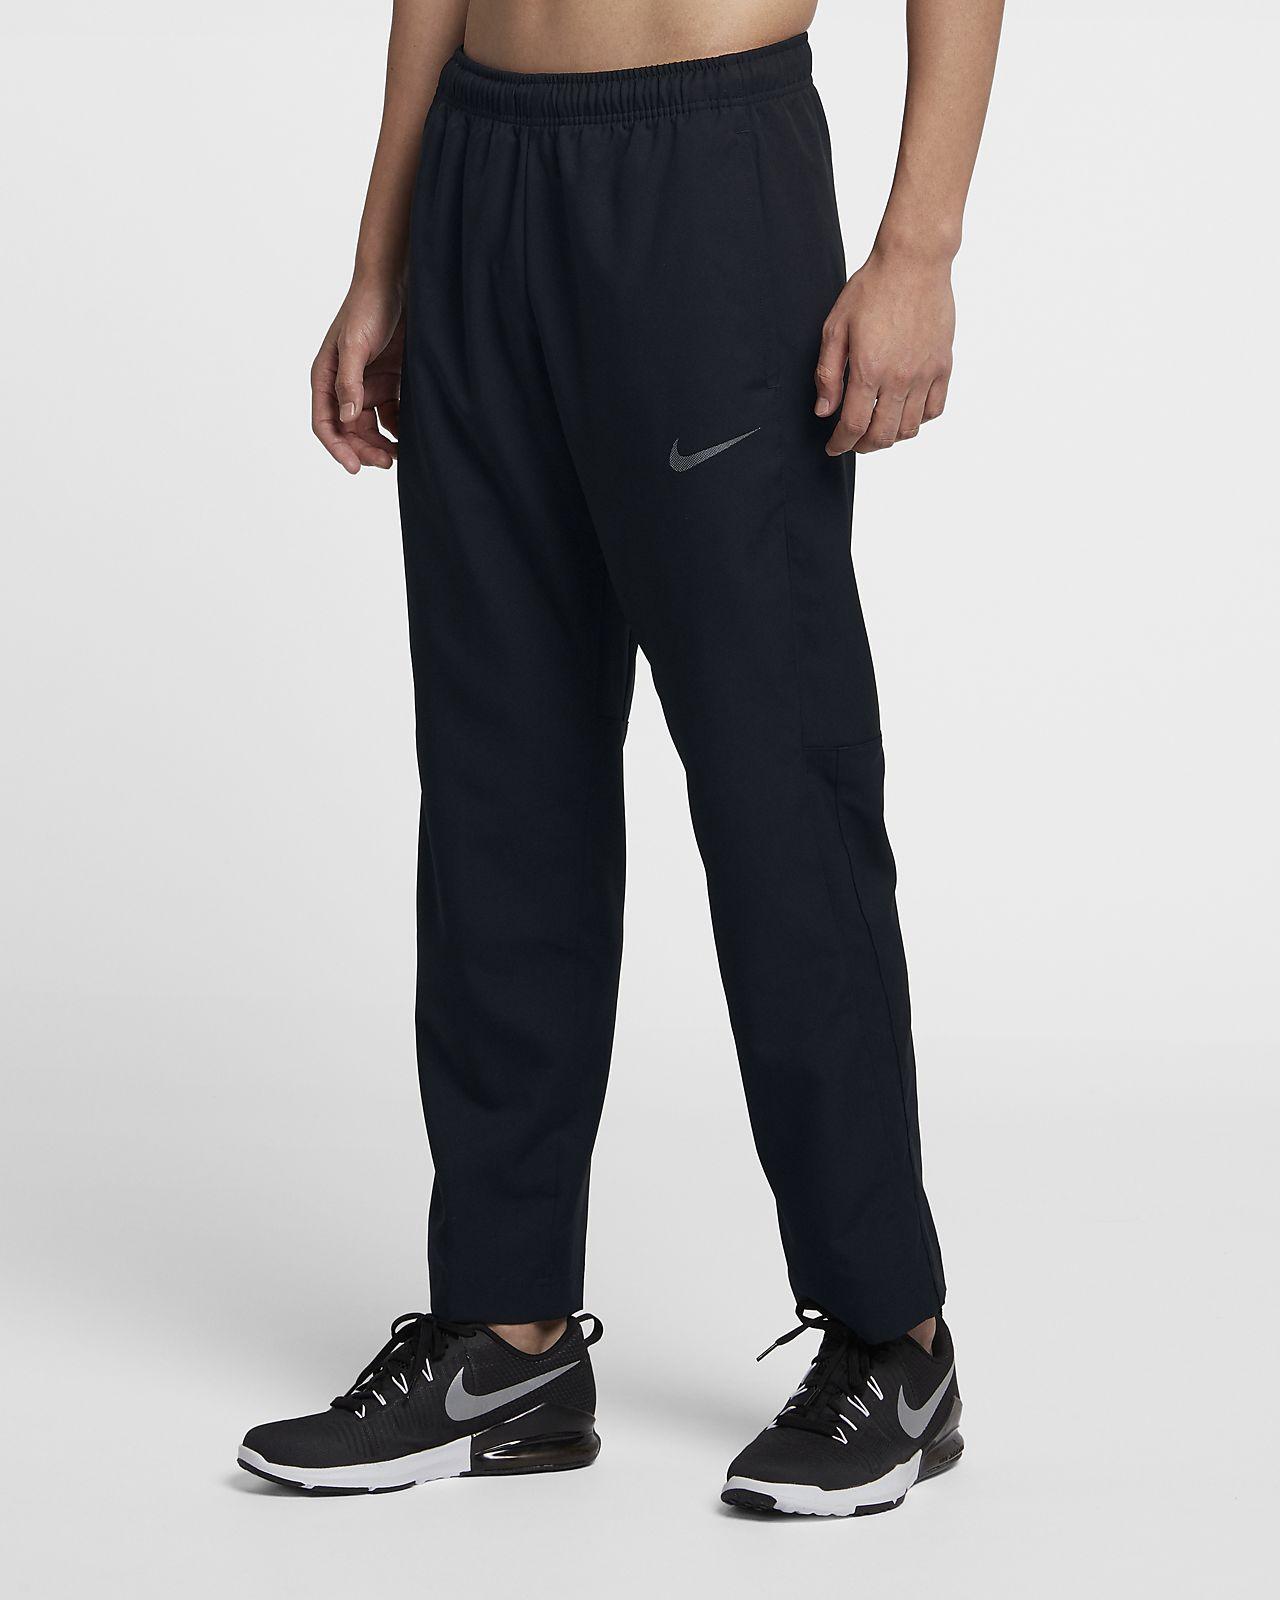 Nike Dri-FIT-træningsbukser til mænd